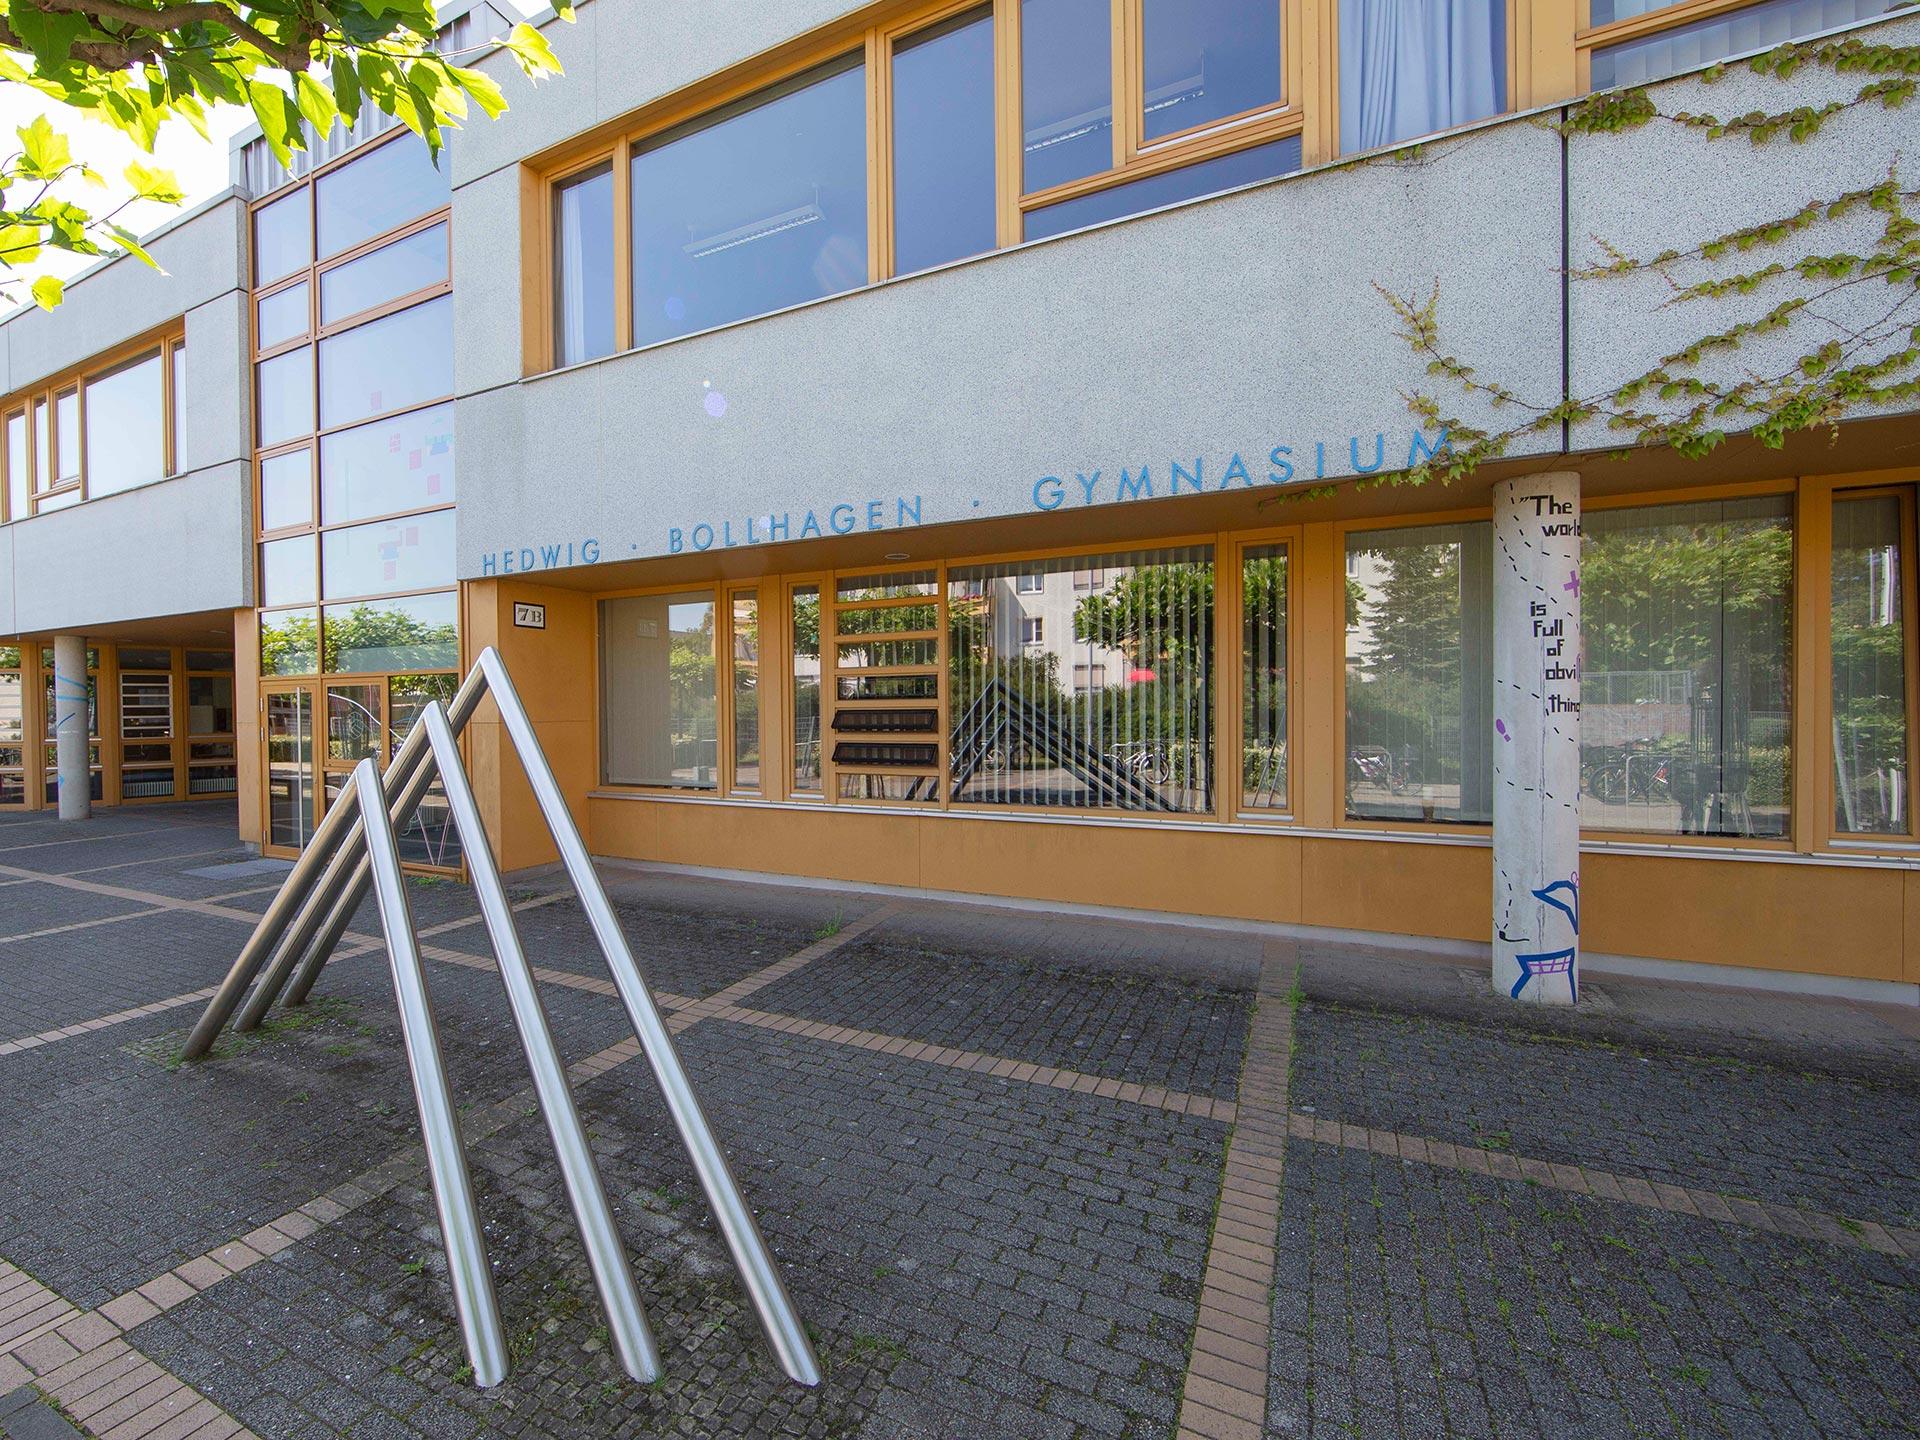 Eingangsbereich zum Hedwig Bollhagen Gymnasium